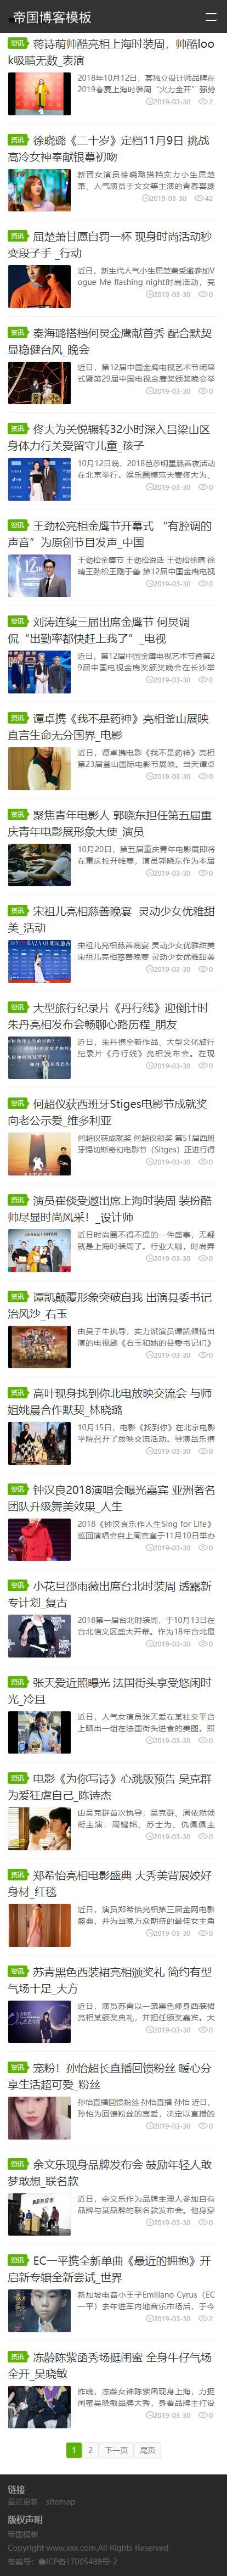 html5响应式帝国cms个人博客网站模板自适应手机_手机版列表页